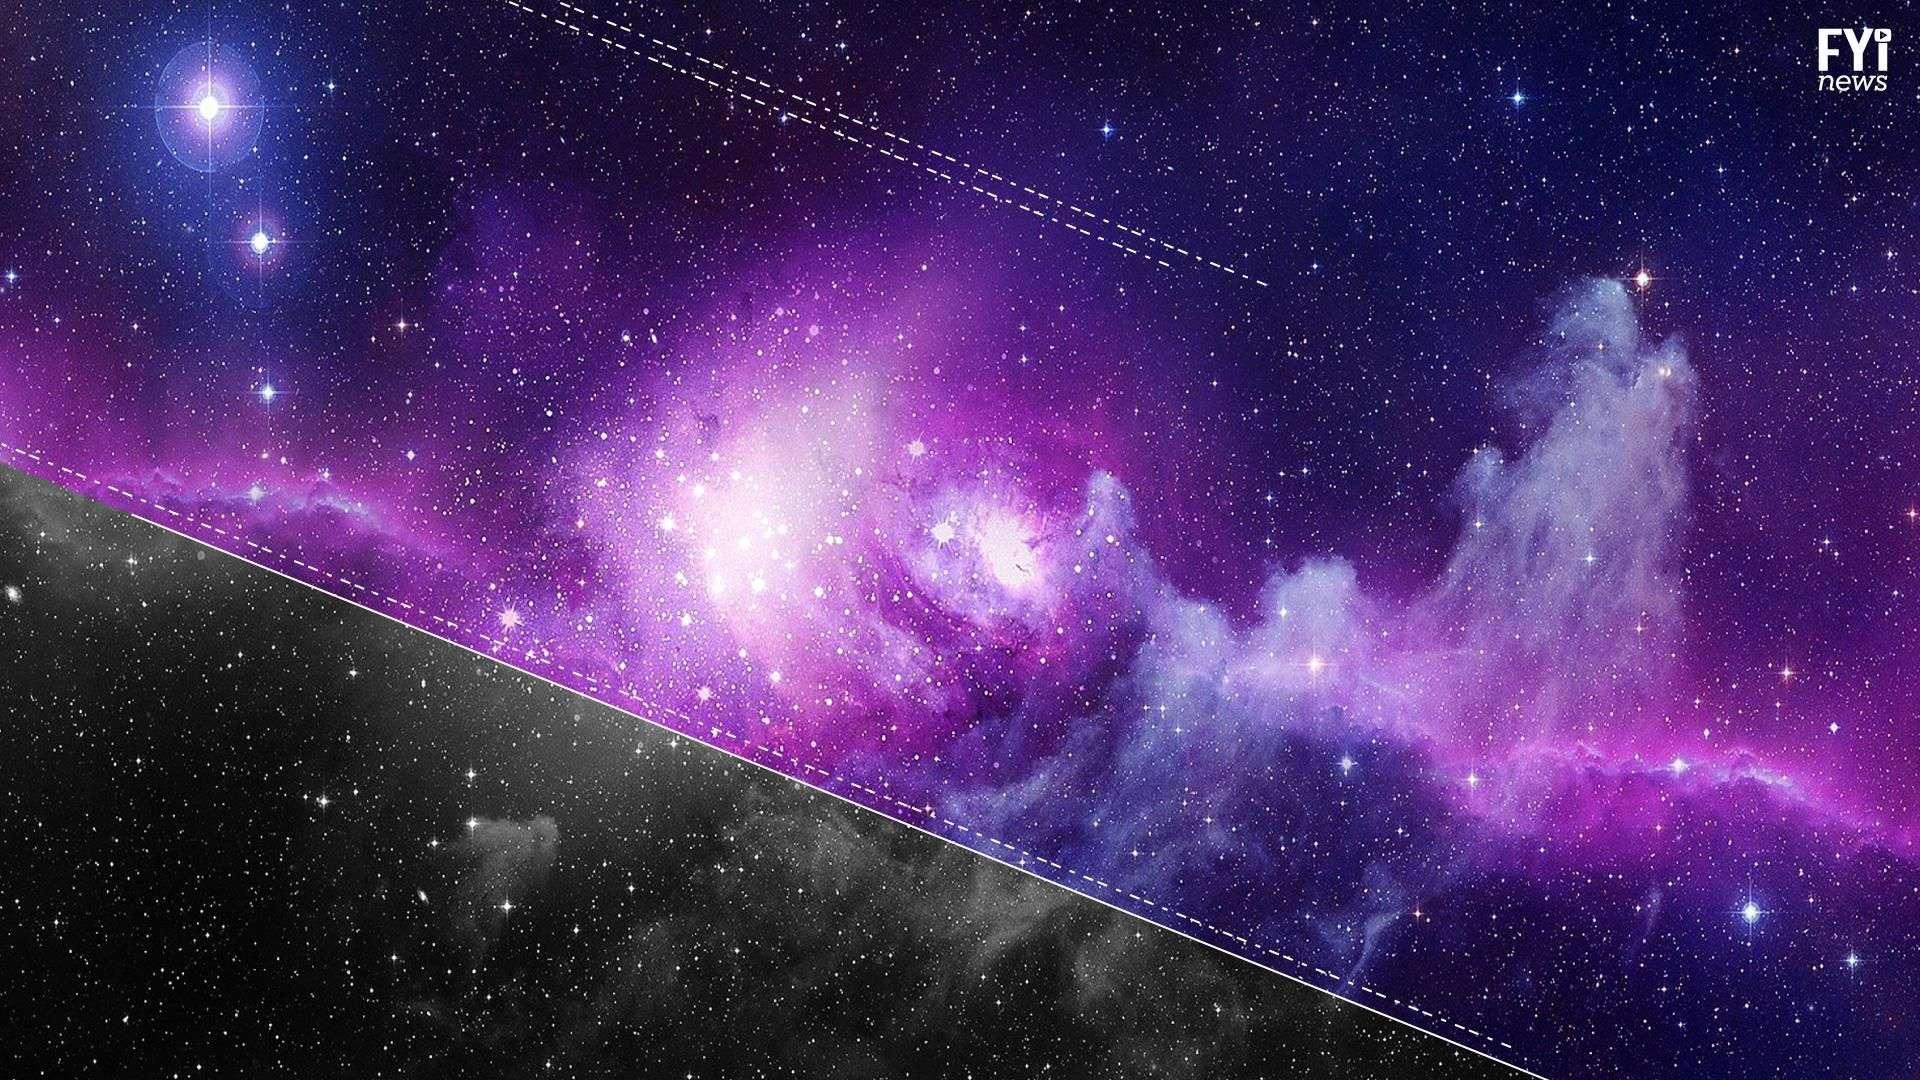 ¿El Universo se expande?